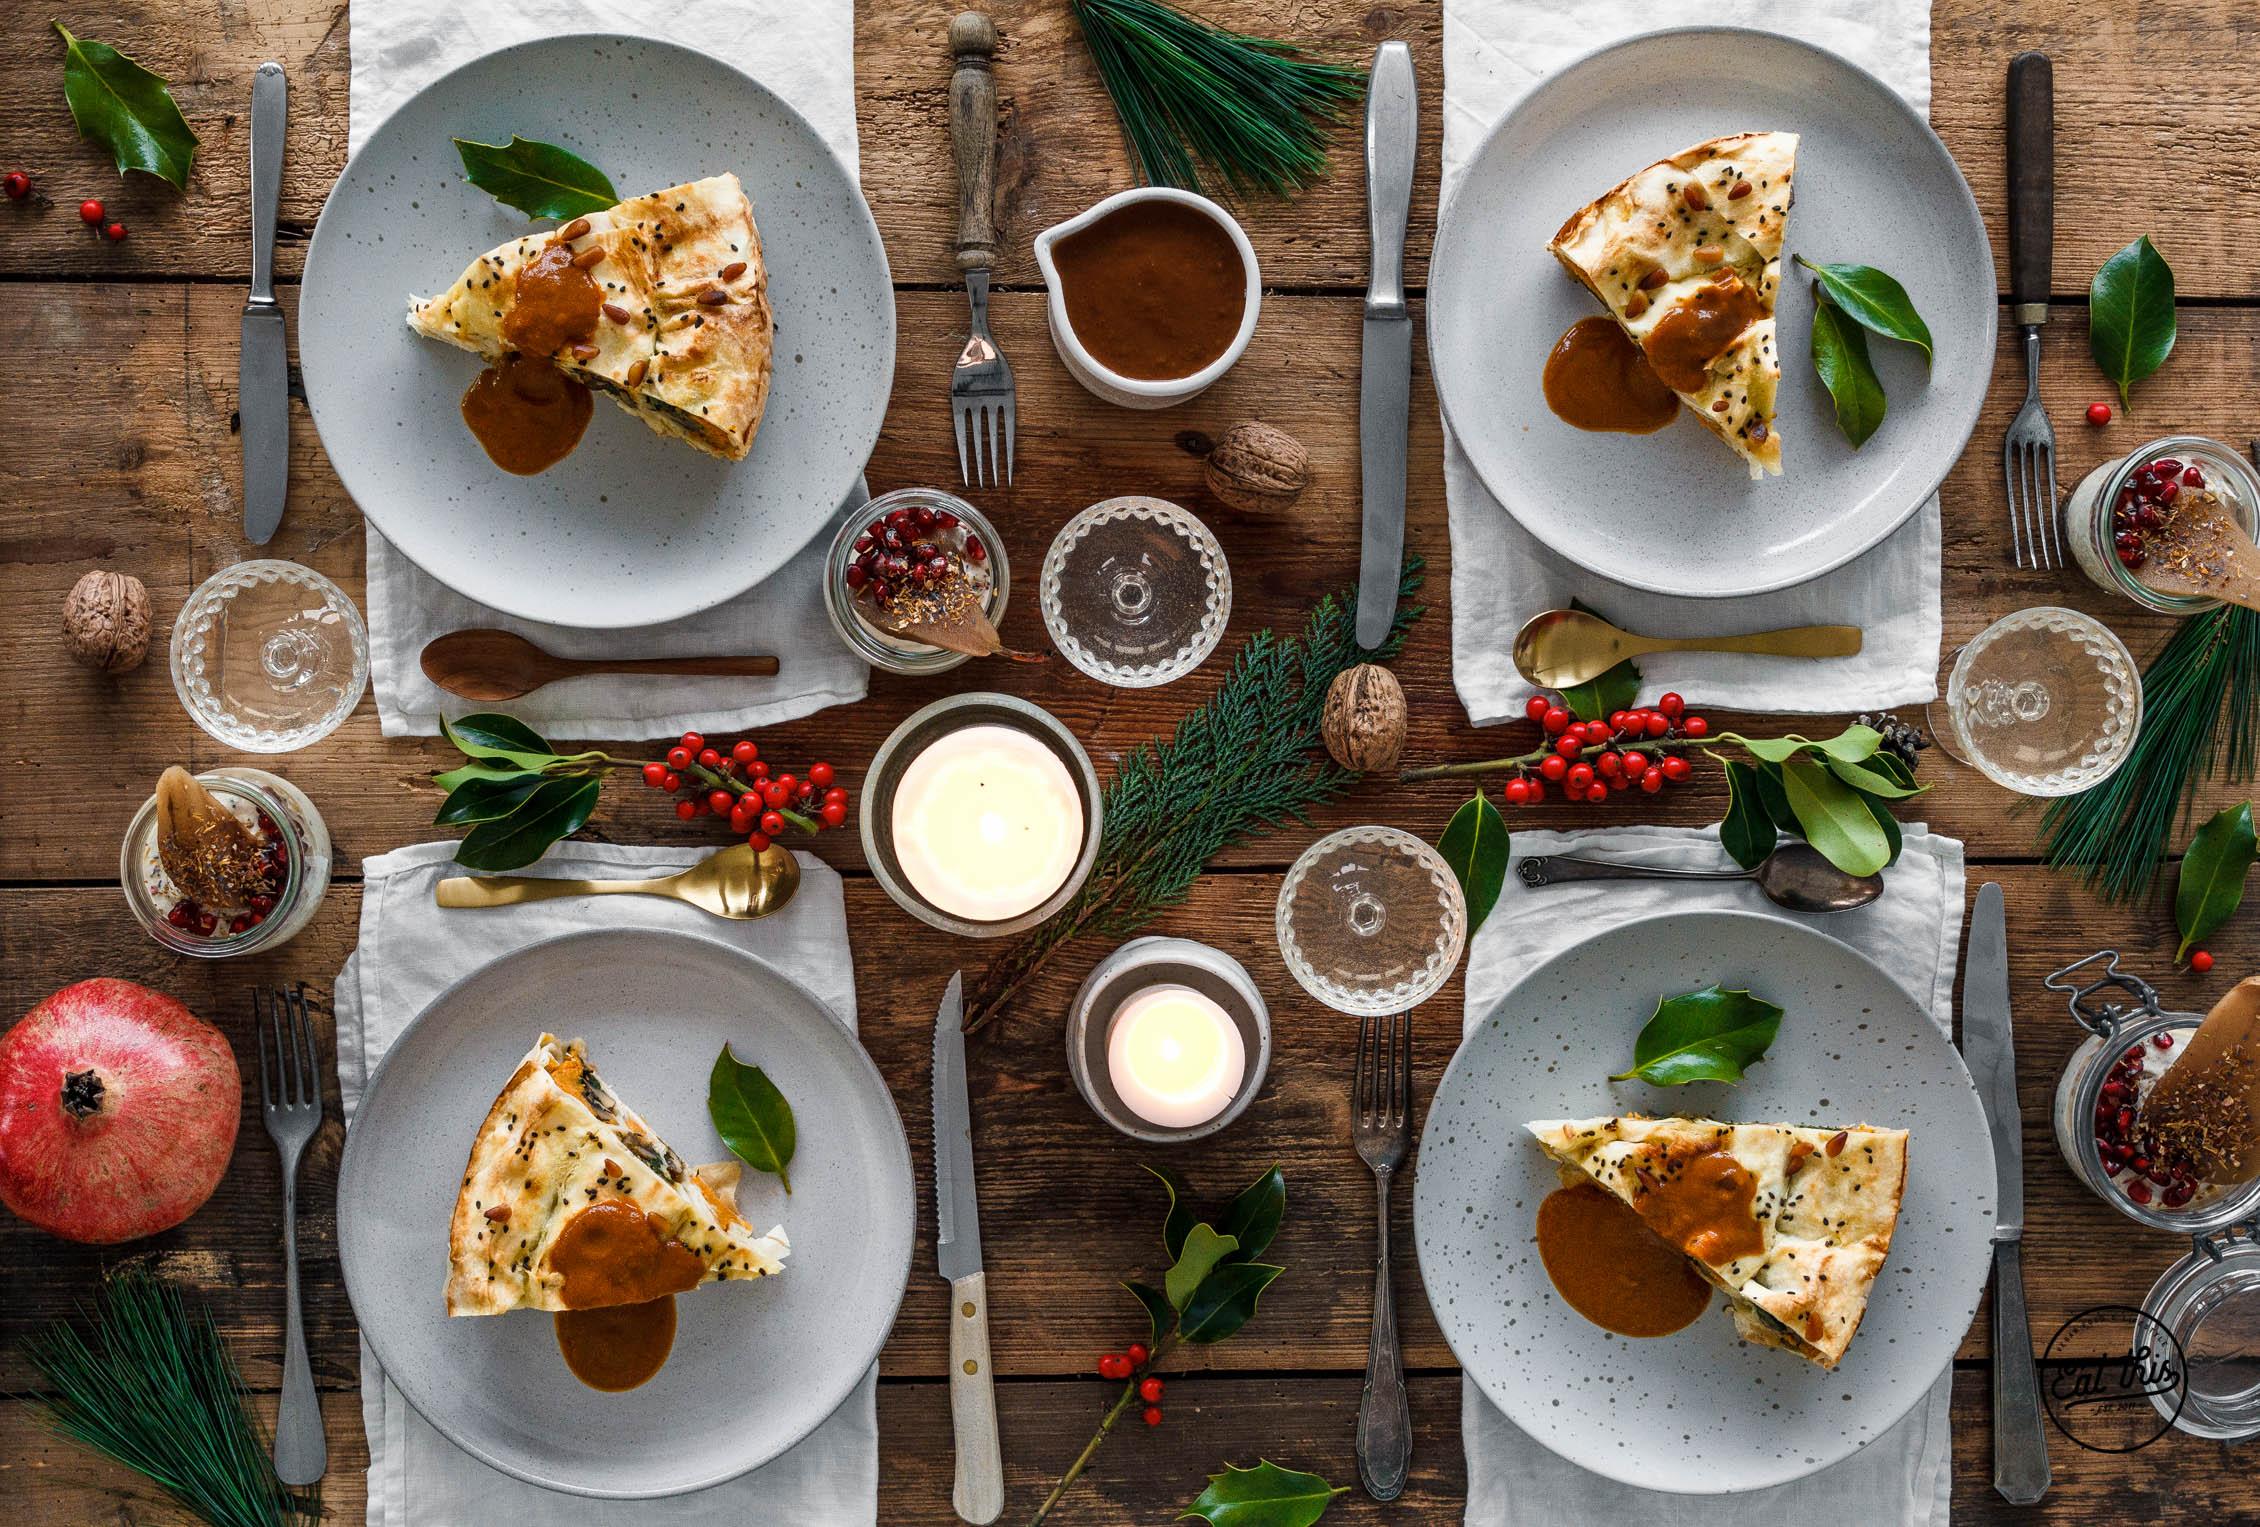 Süßkartoffel-Strudel mit Champignons, Spinat & Pinienkernen • Weihnachtsmenü 2016